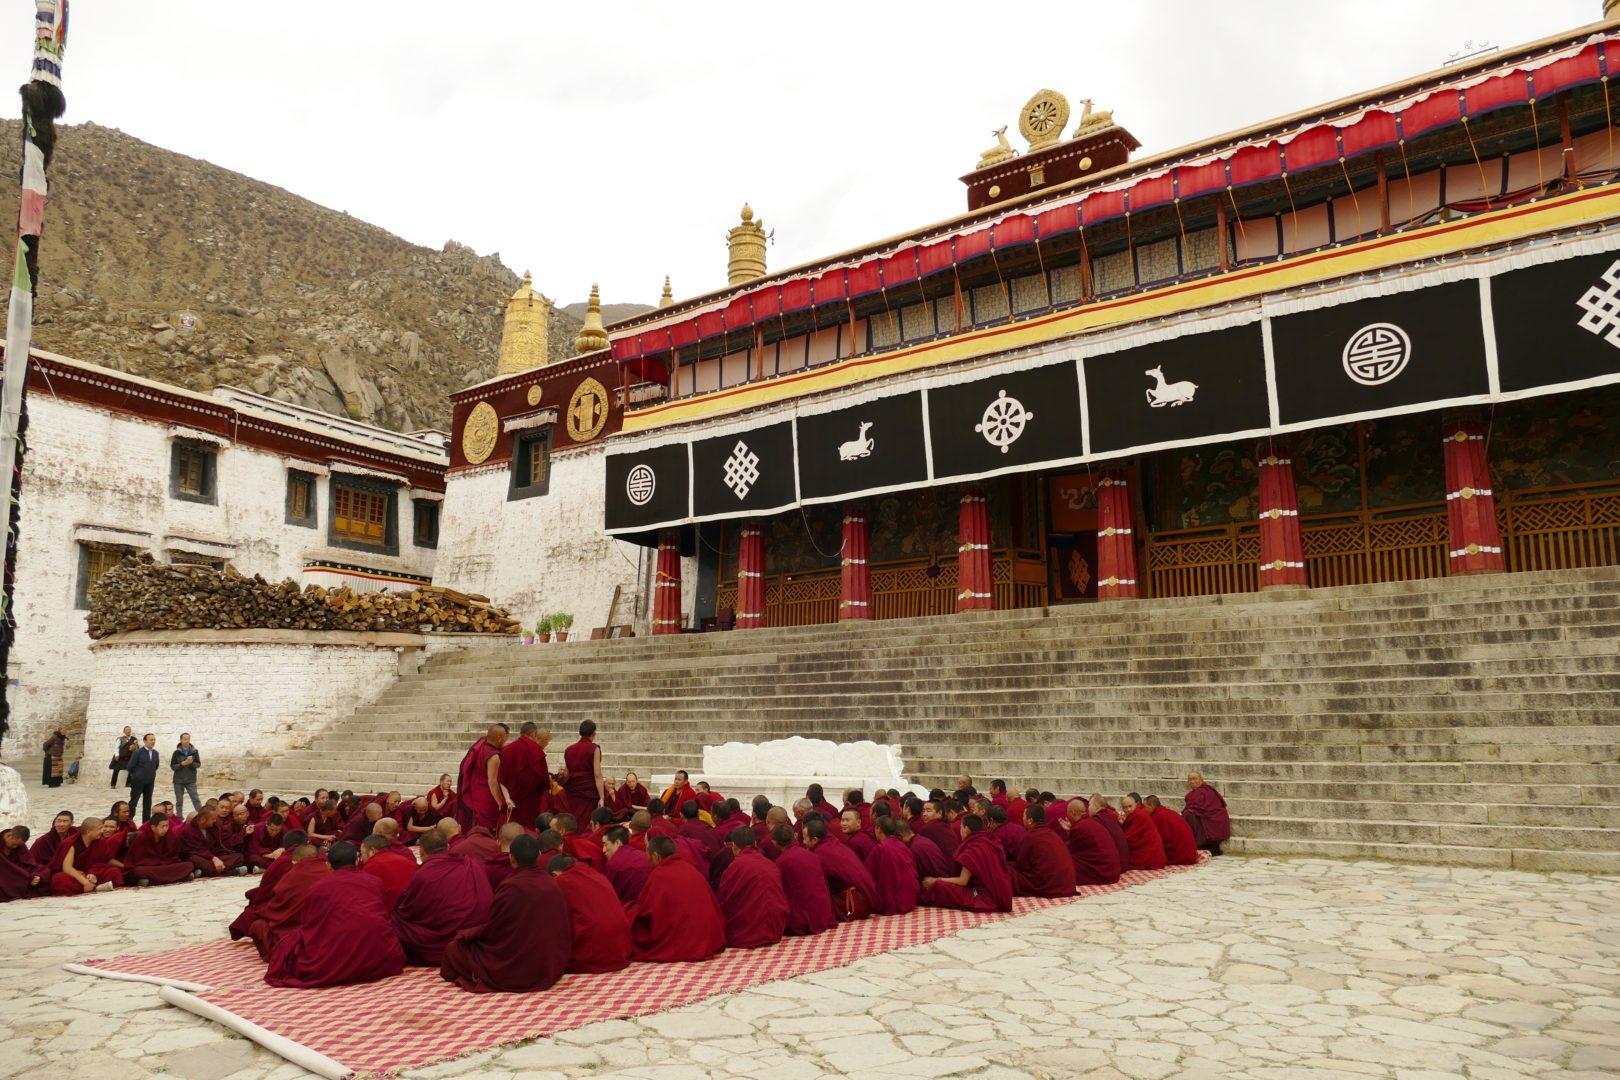 Monaci riuniti al Monastero di Drepung